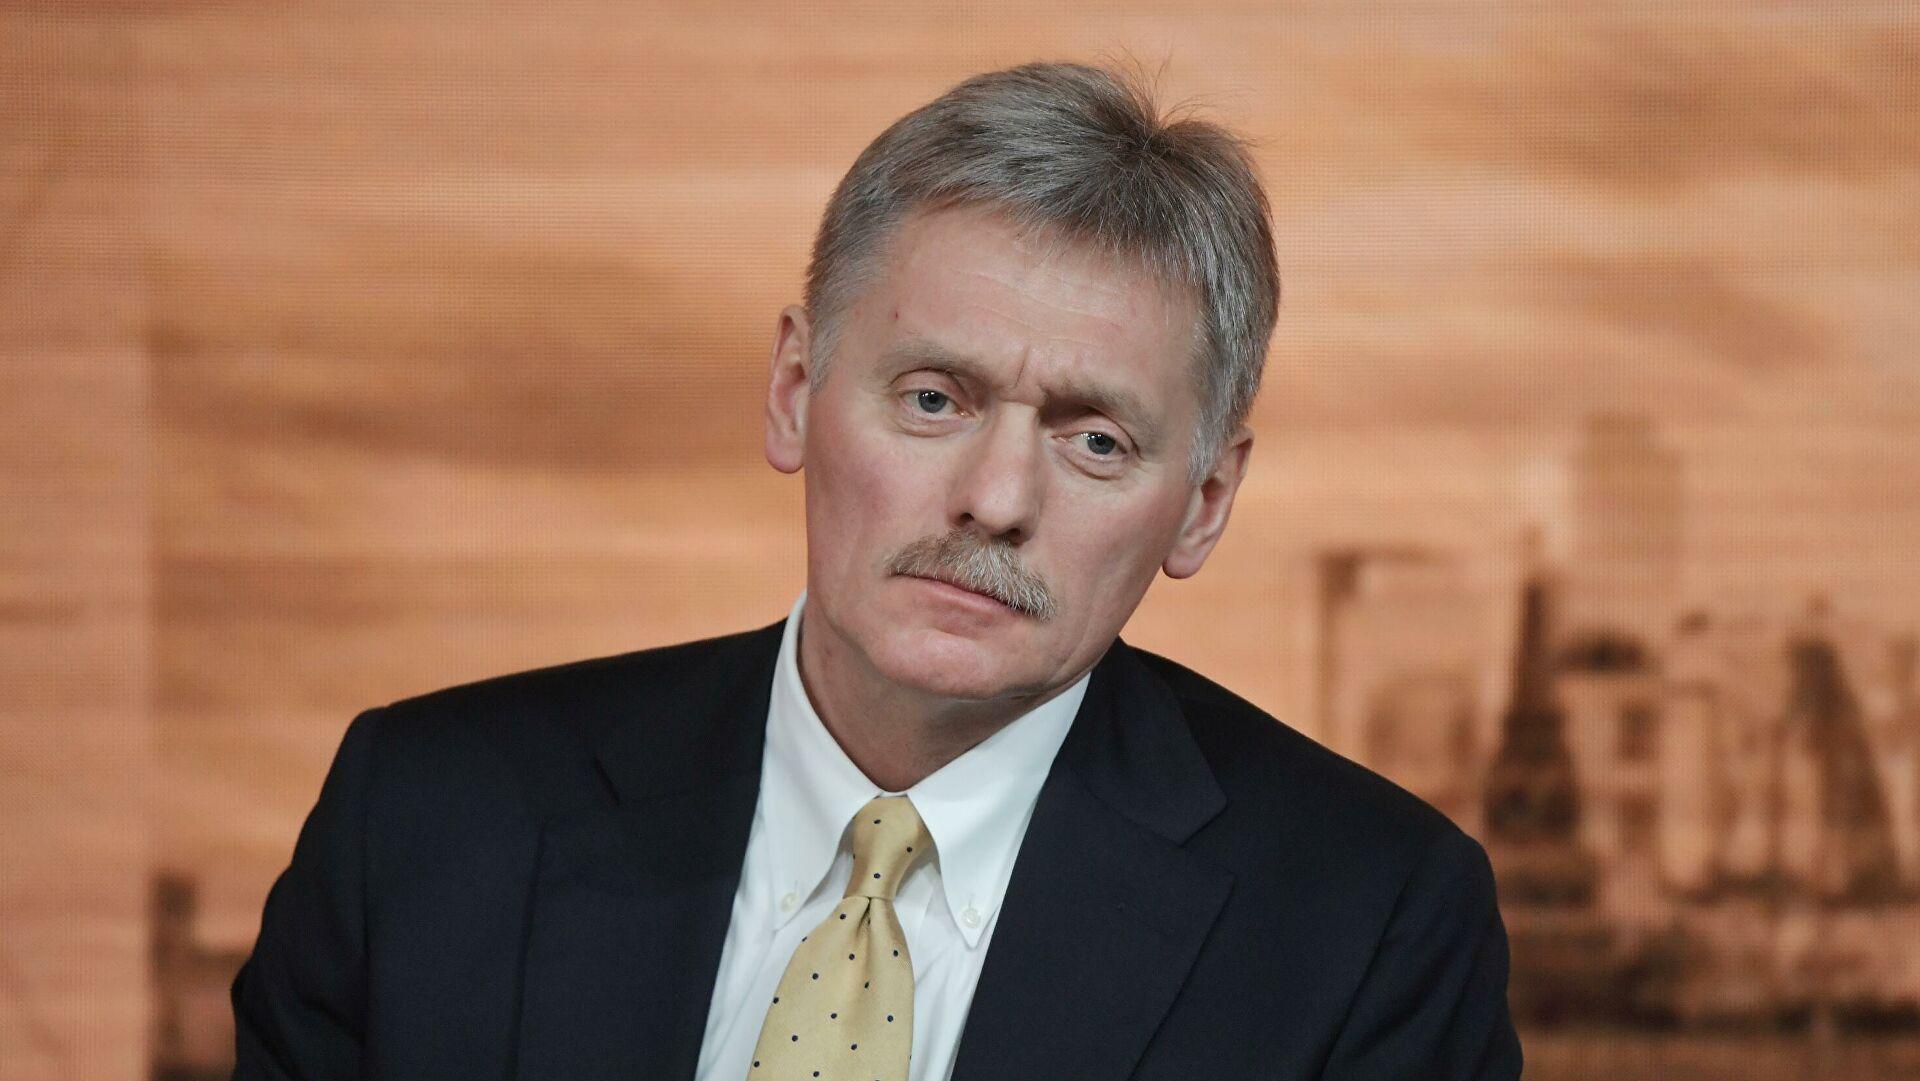 """Песков: Политика """"шаргарепе и штапа"""" коју користе САД не може се применити на Русију"""